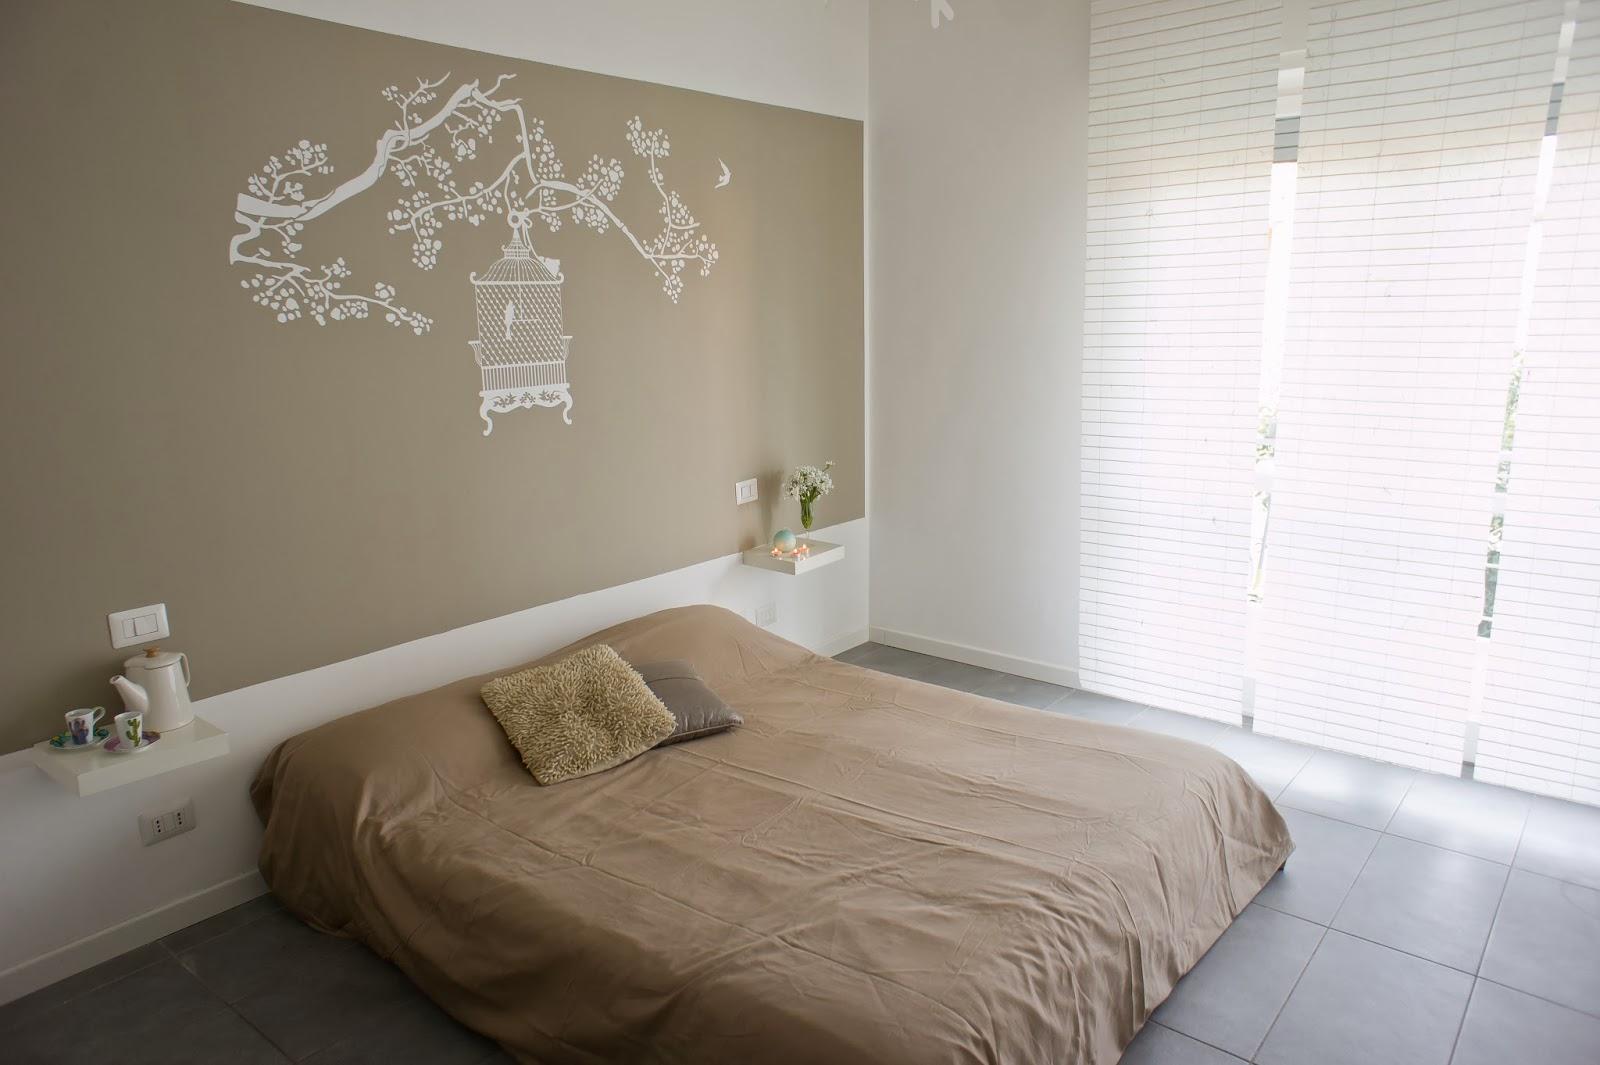 Ea ristruttura appartamento ristrutturato da noi camera for Ristrutturare la camera da letto